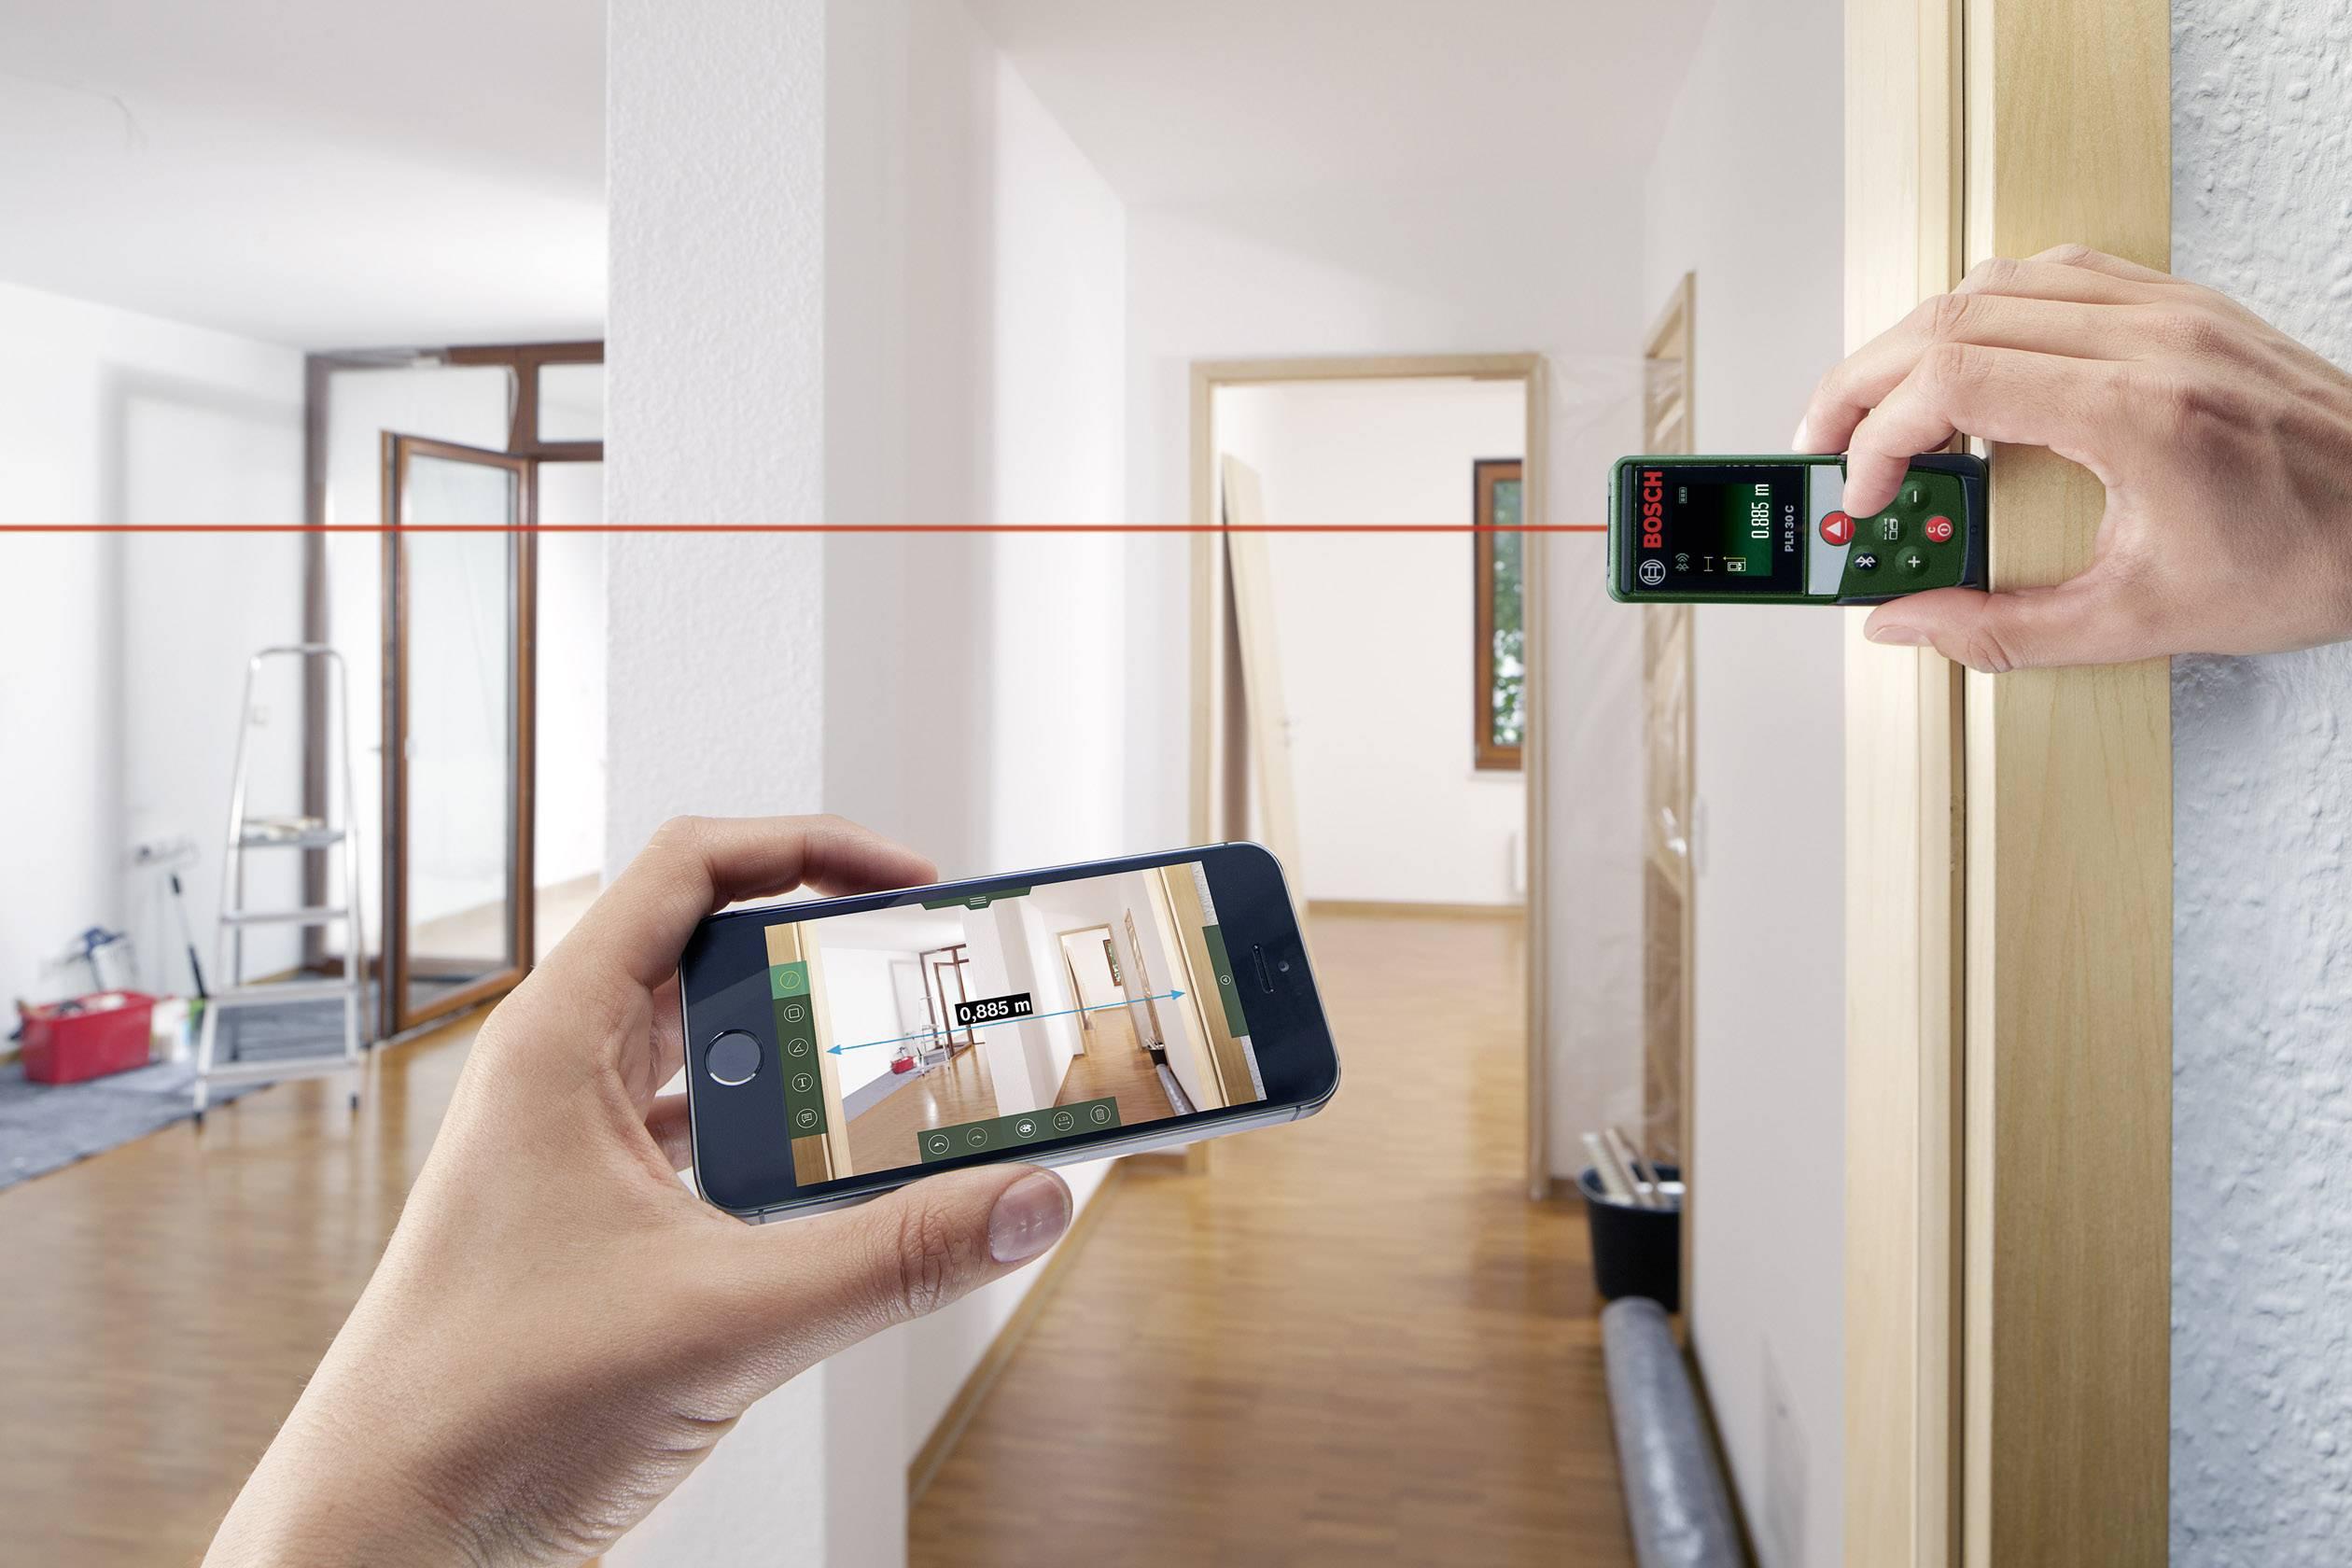 Laser Entfernungsmesser Definition : Bosch home and garden plr c laser entfernungsmesser kalibriert